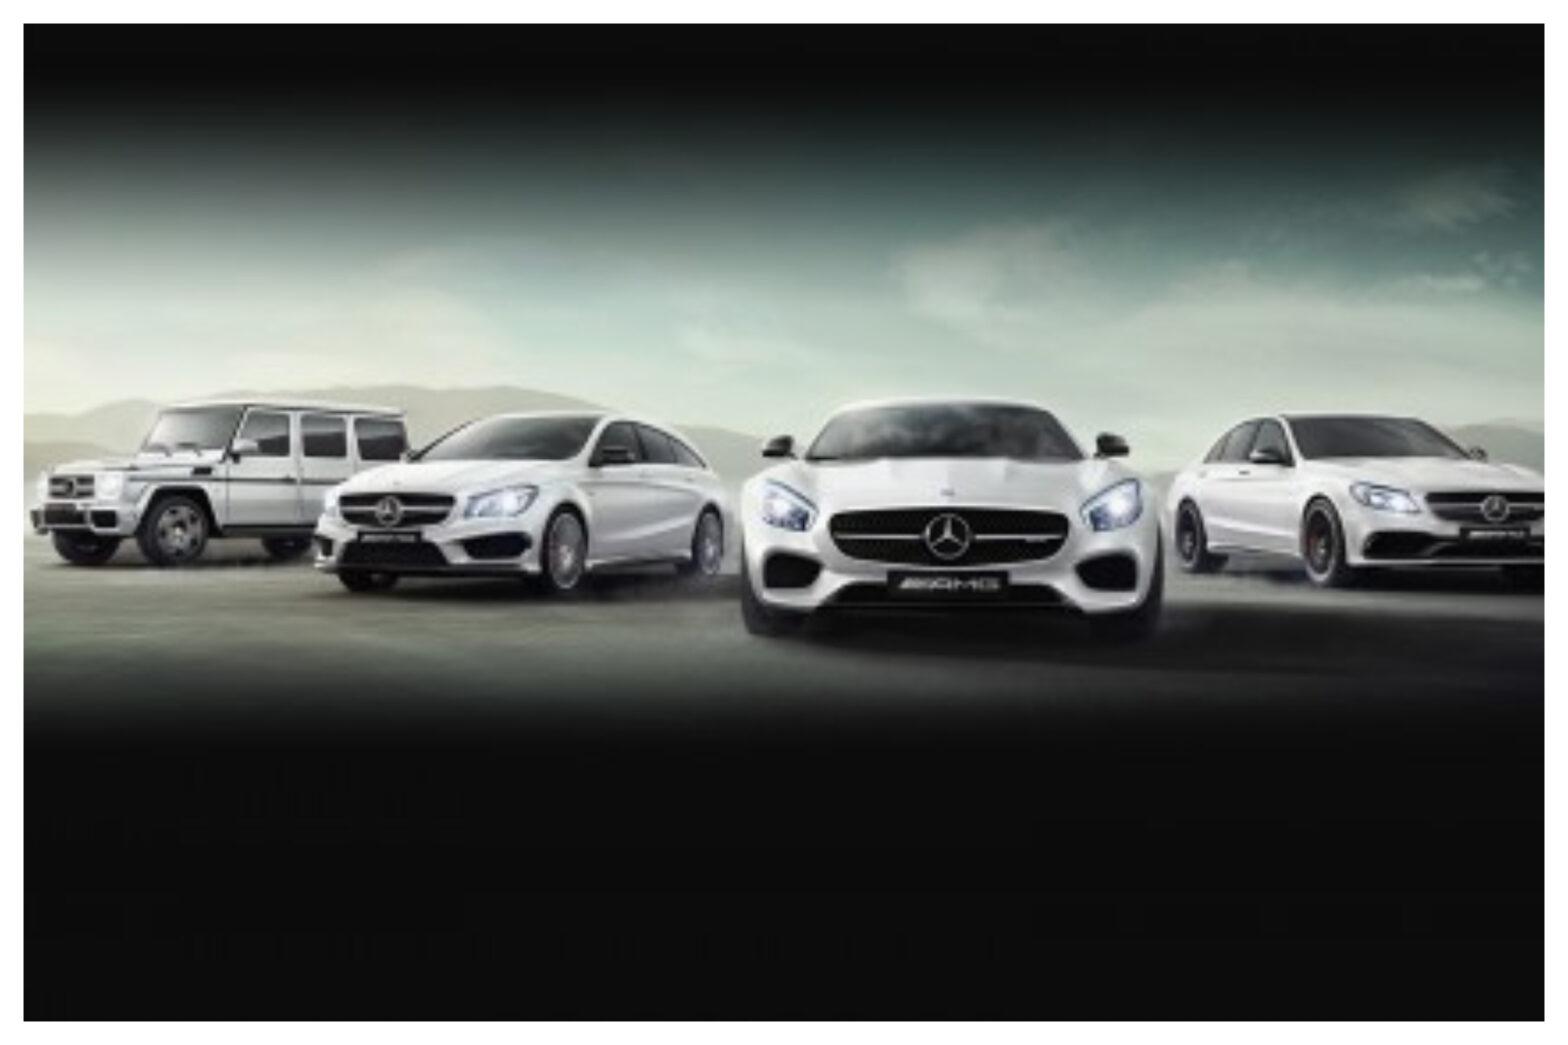 ベンツ中古|安い・高額&人気ランキングと最新中古車価格を一挙紹介